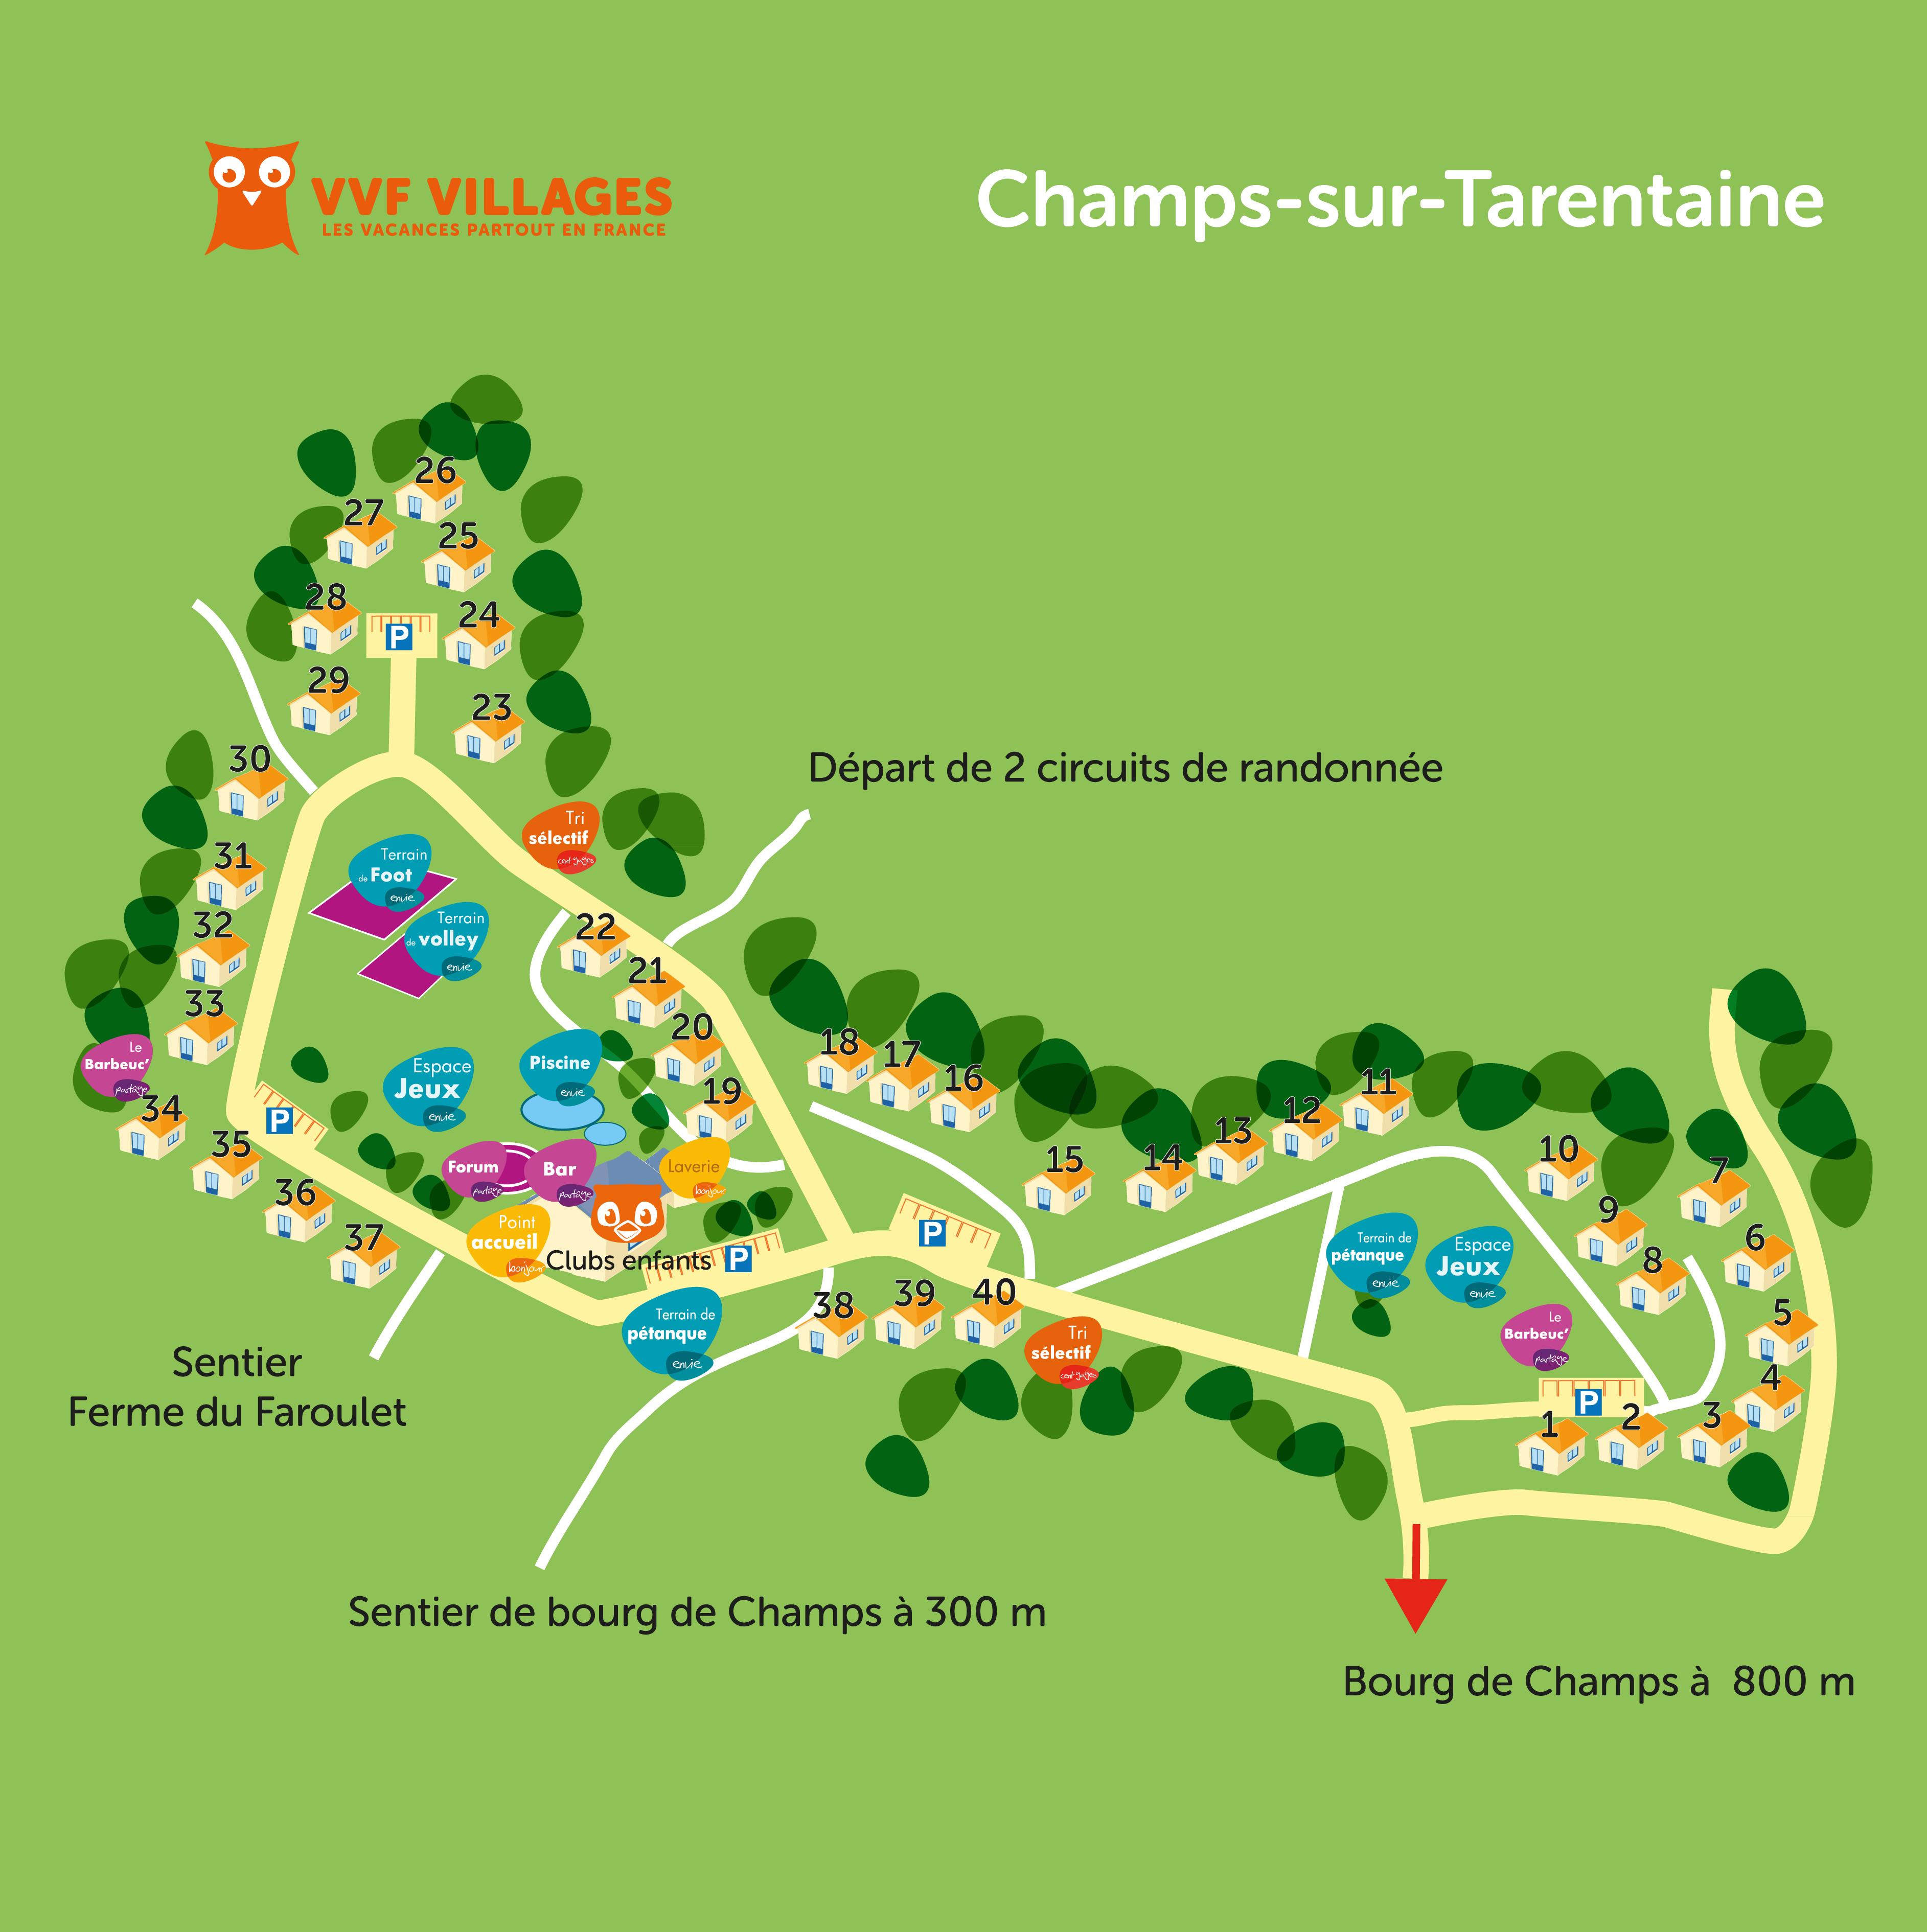 Plan du village de Champs-sur-Tarentaine